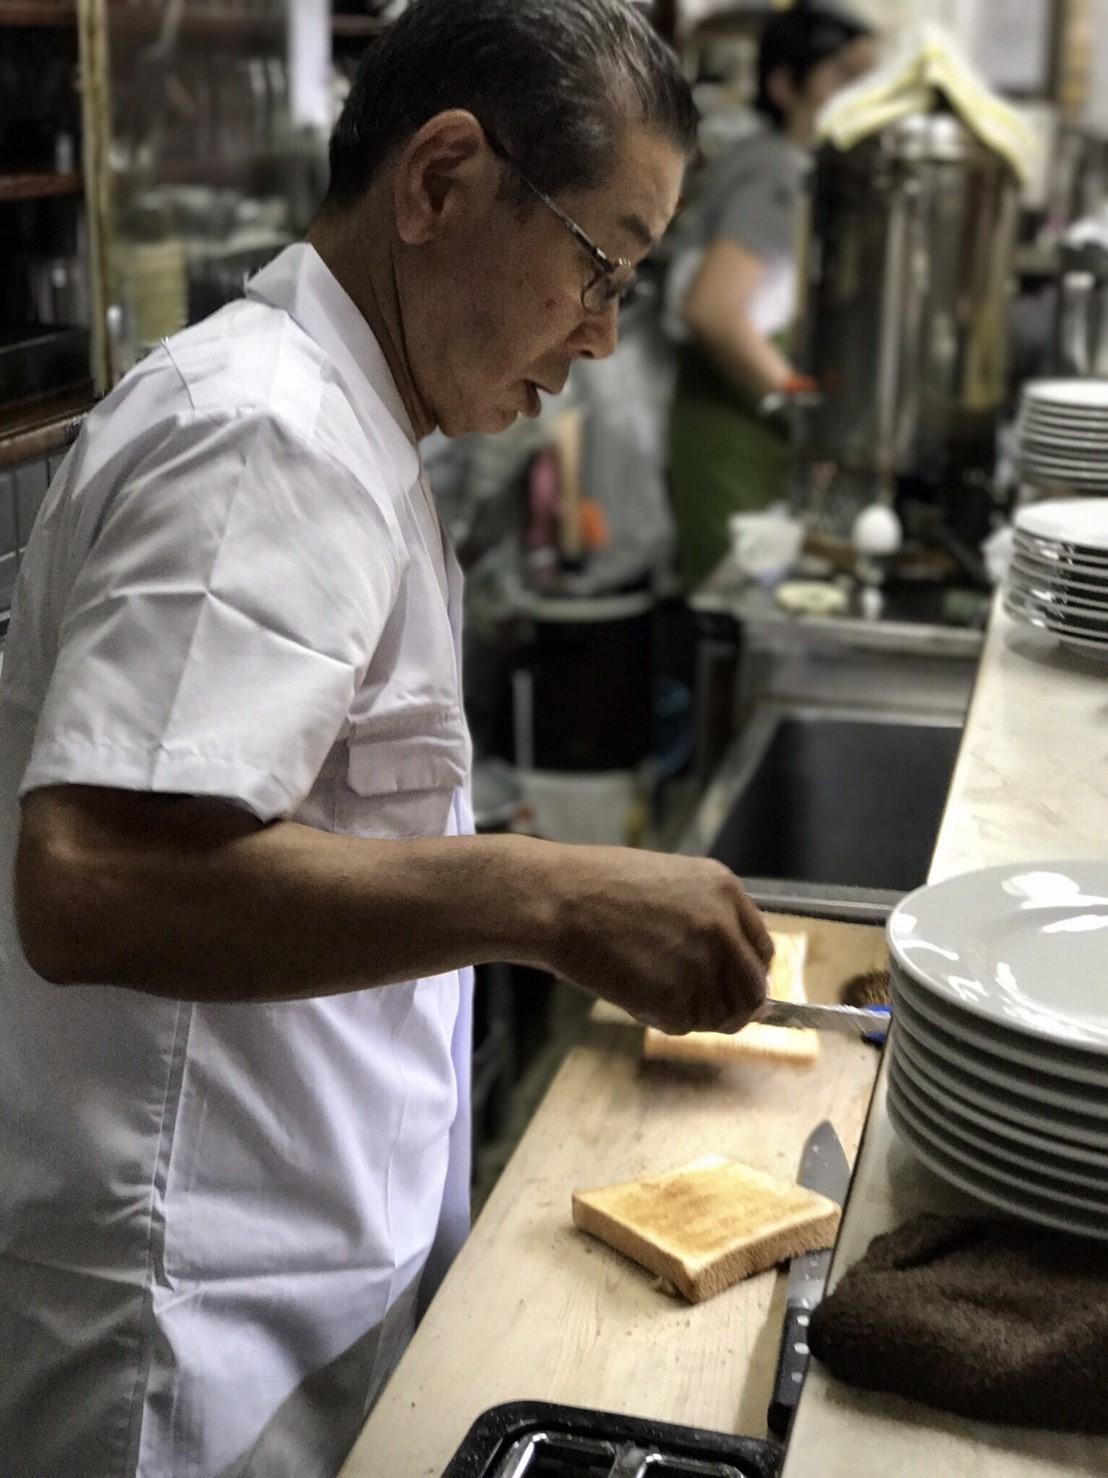 坐在吧檯邊可以看到咖啡師在吐司上抺奶油,還可以聽到快刀切下時傳來「涮涮涮涮」的酥爽聲音。